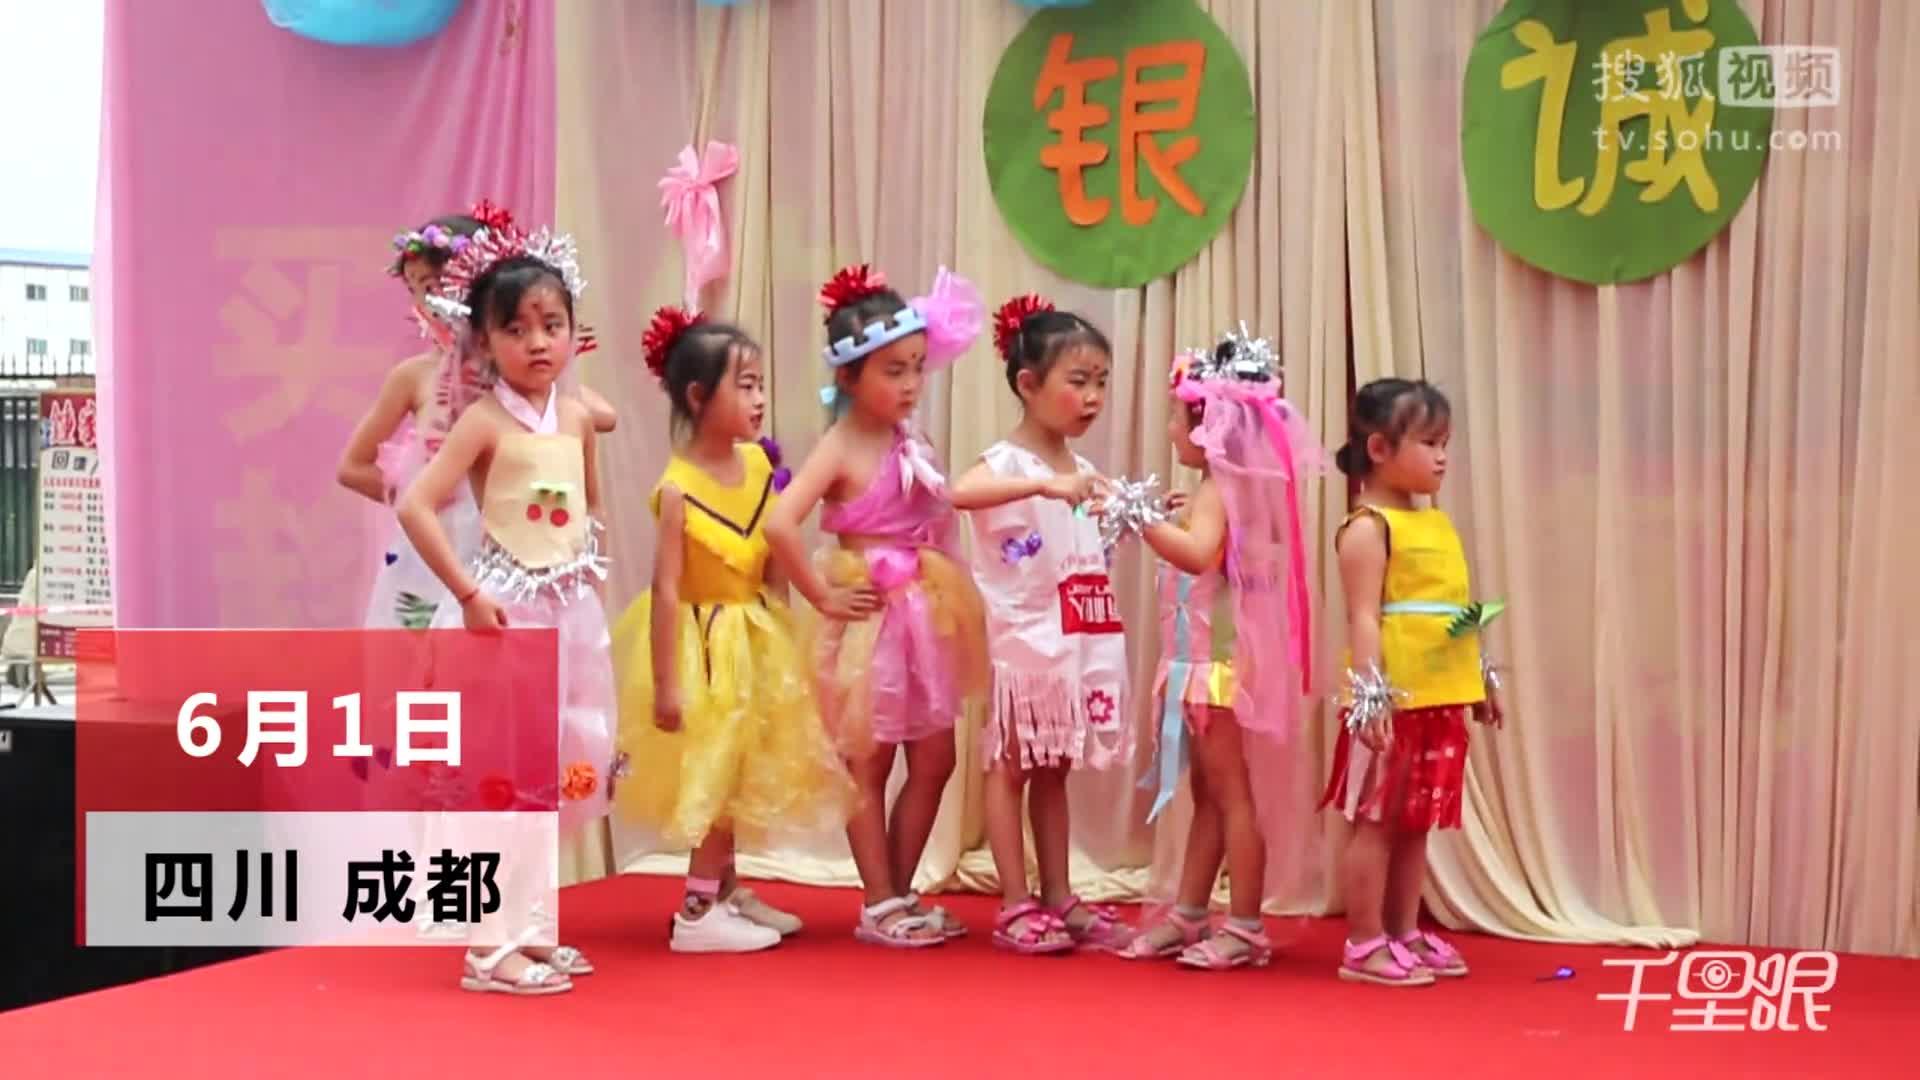 【成都】幼儿自制个性服装 上演环保时装秀庆六一